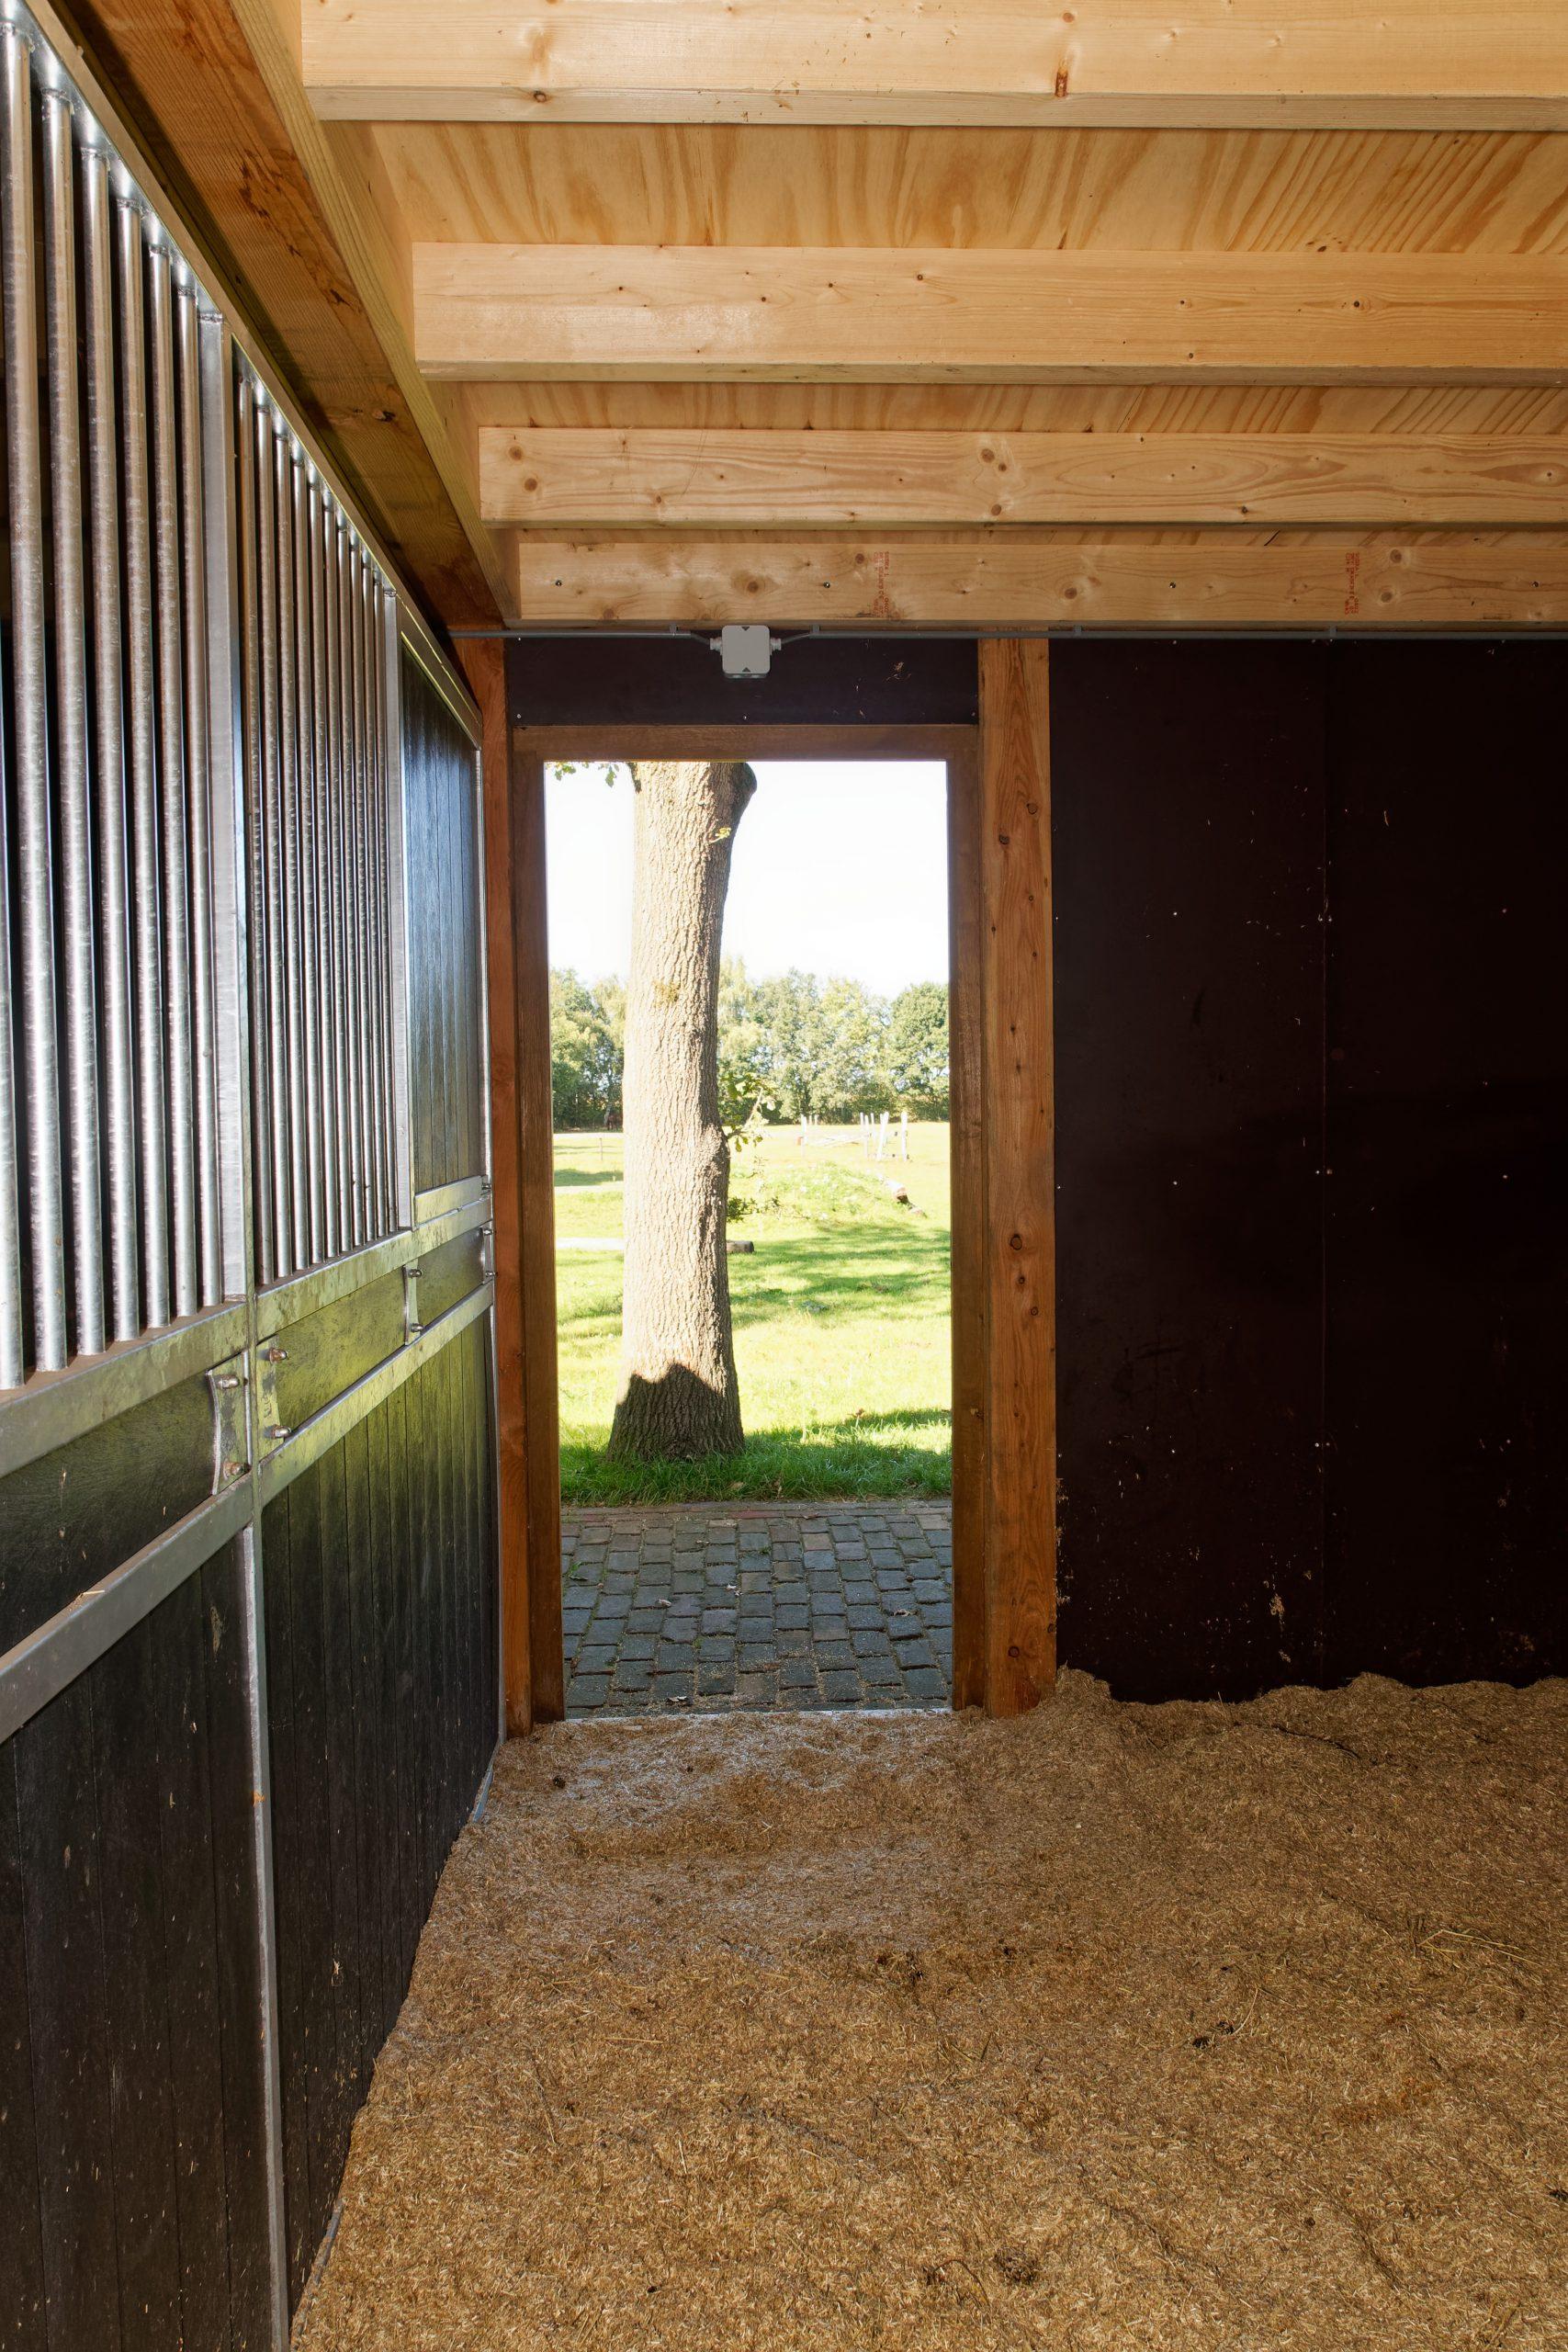 houten-schuur-met-paardenstallen-10-scaled - Project Hardenberg: Grote houten schuur met paardenstallen.